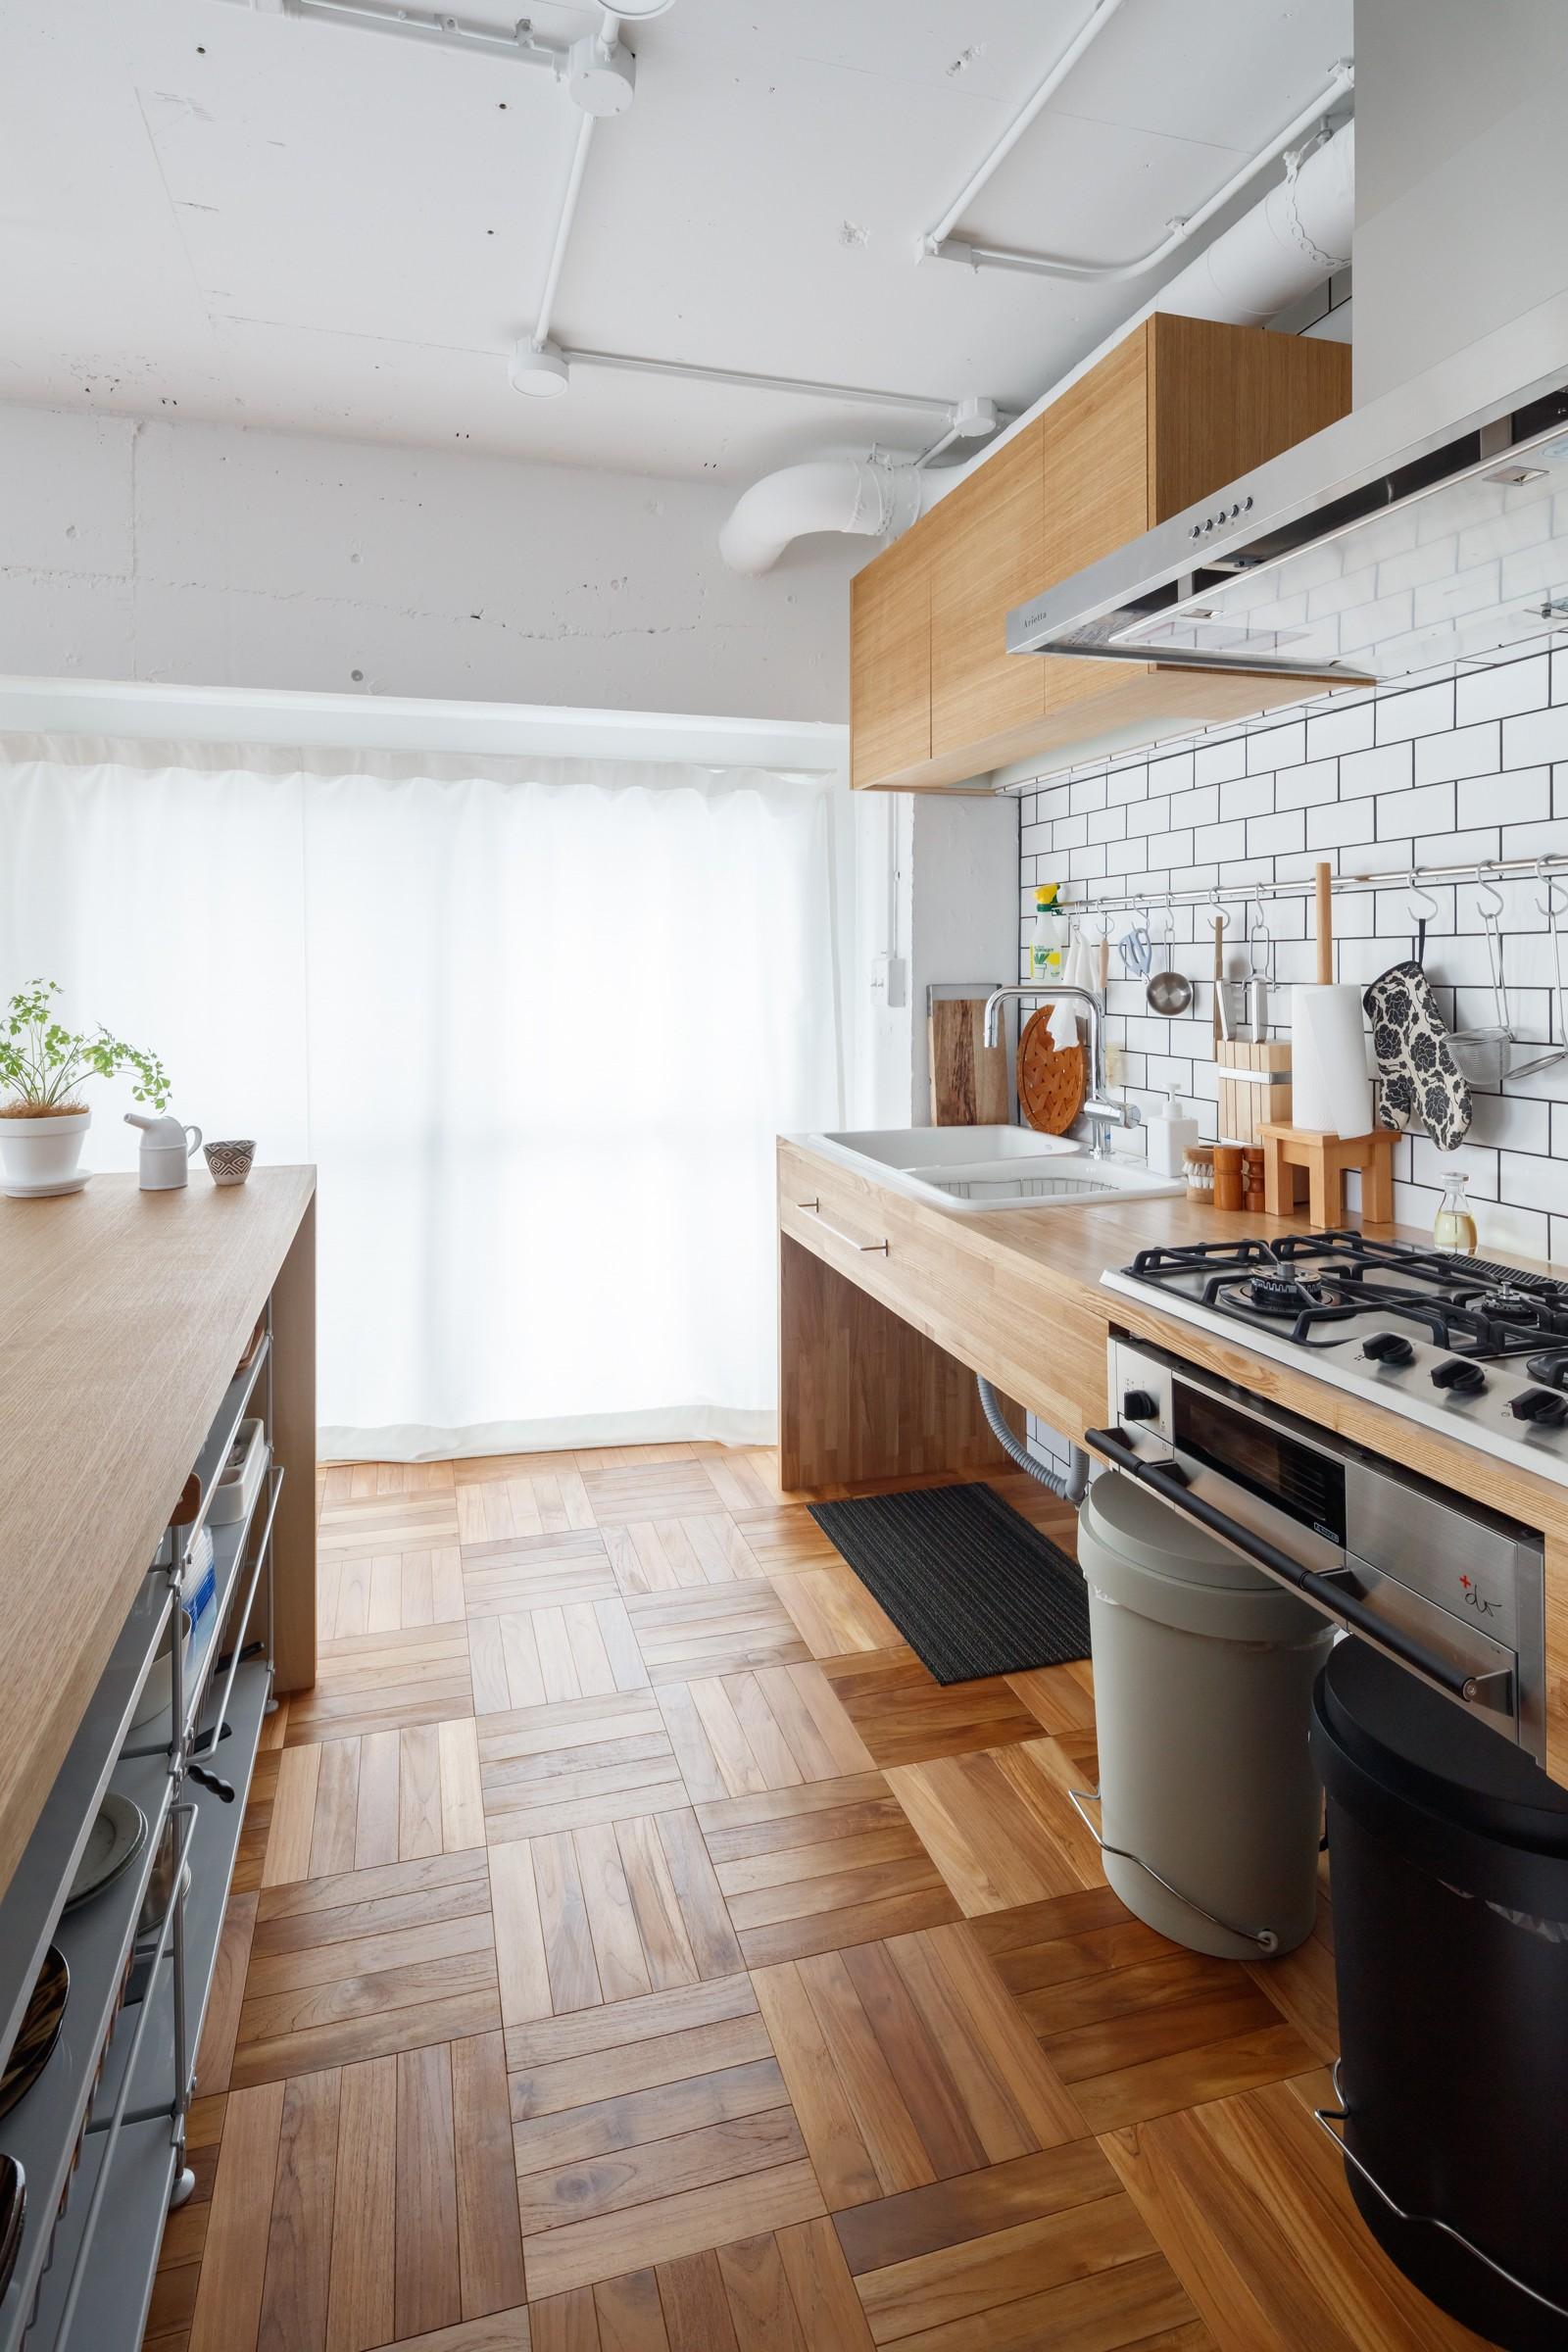 キッチン事例:キッチン(『a new day』 ― むだなく、シンプルに。)